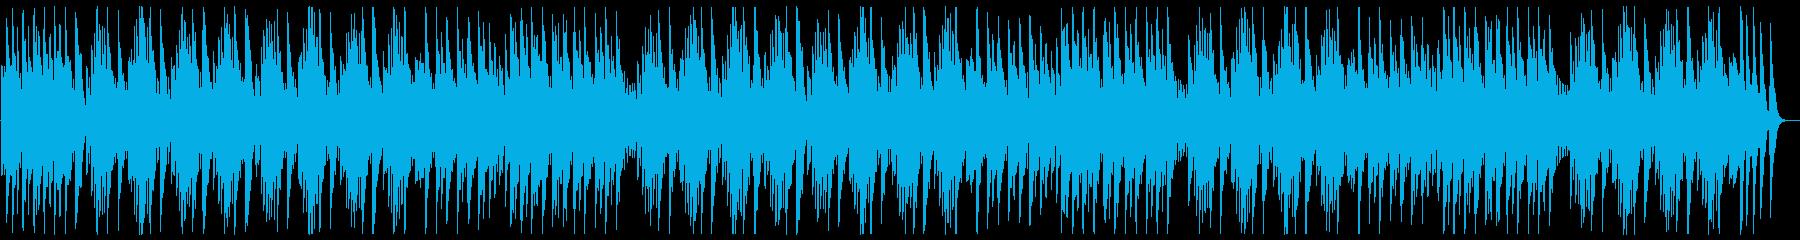 癒しが必要な空間に合う曲の再生済みの波形